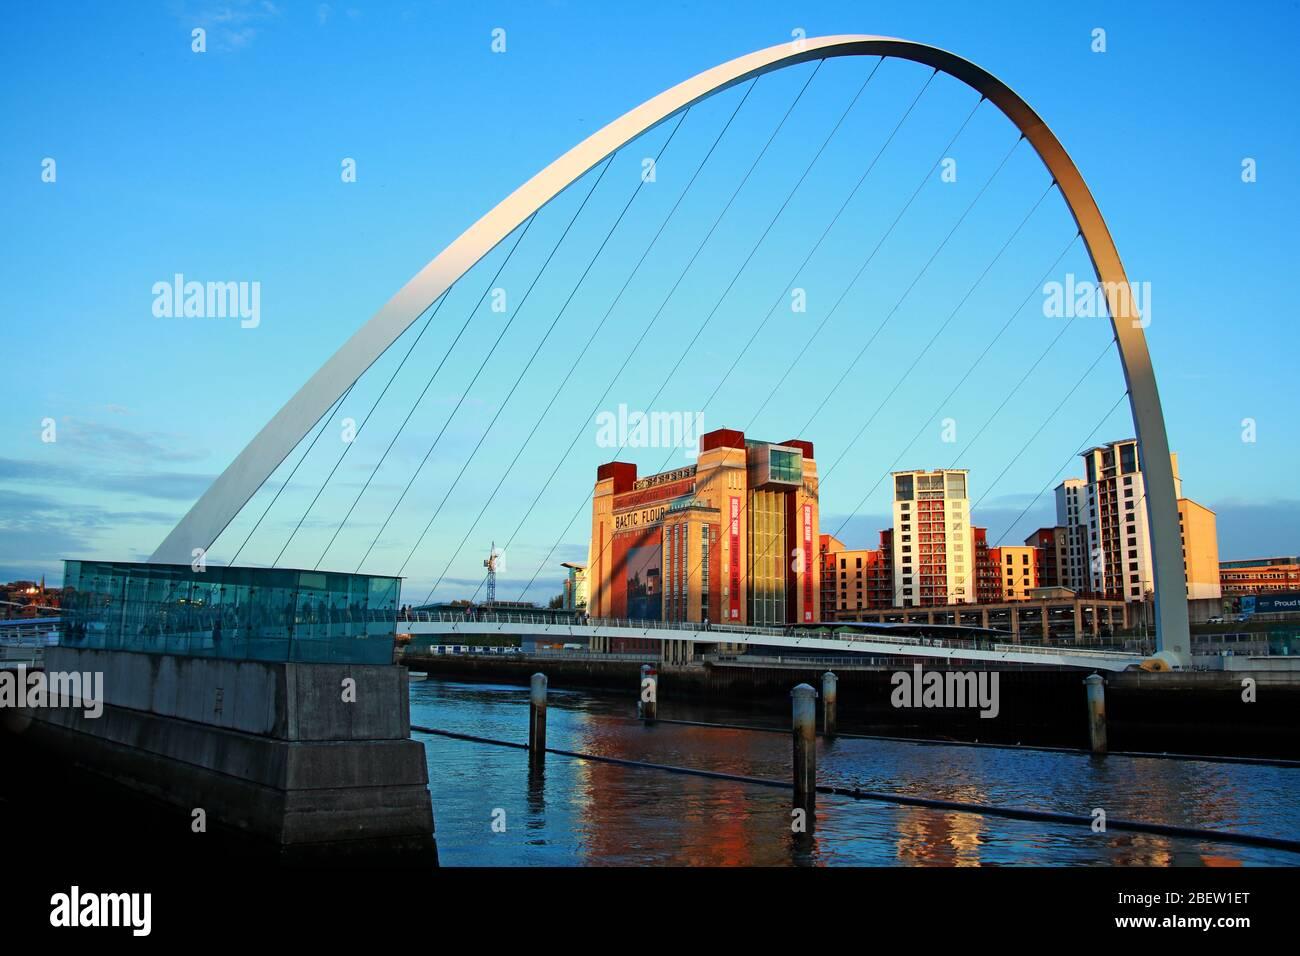 Dieses Stockfoto: Tyne River, Newcaste upon Tyne, Gateshead, Sage und Flussufer, Abend, NE England, Großbritannien, Brücken, Gateshead Millennium Bridge - 2BEW1E